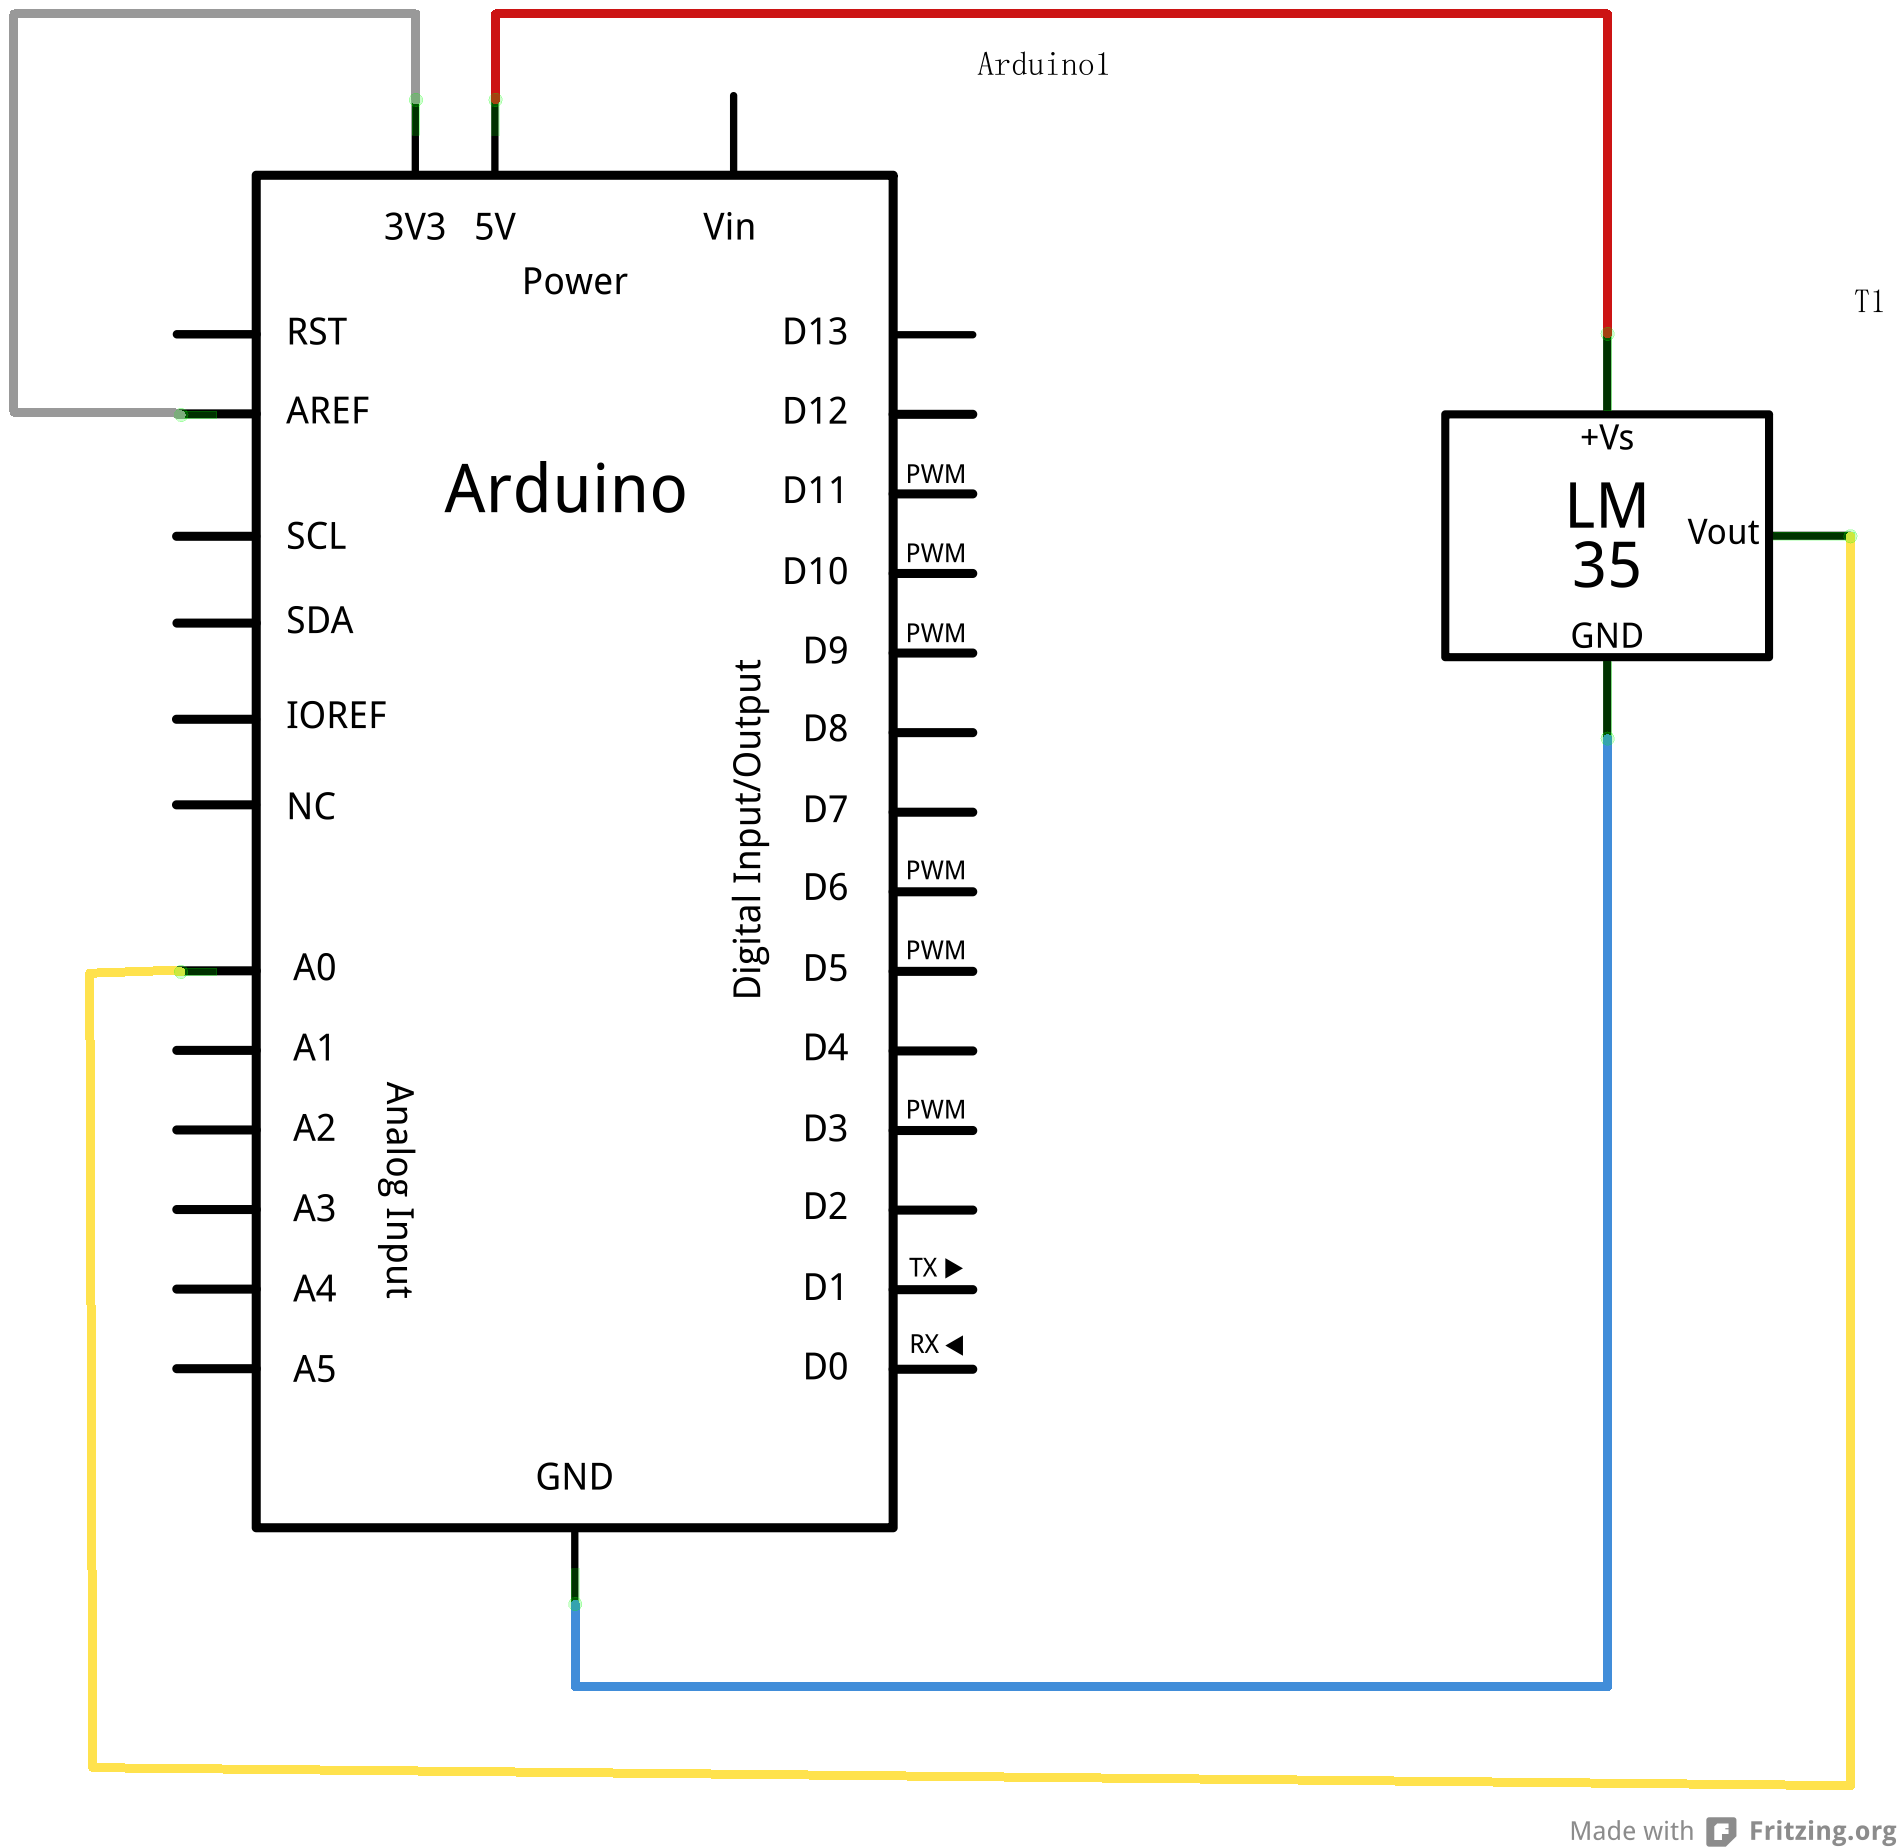 楼主,我觉得应该用这个代码吧? analogReference(type) 描述 配置用于模拟输入的基准电压(即输入范围的最大值)。选项有: DEFAULT:默认5V(Arduino板为5V)或3.3伏特(Arduino板为3.3V)为基准电压。 INTERNAL:在ATmega168和ATmega328上以1.1V为基准电压,以及在ATmega8上以2.